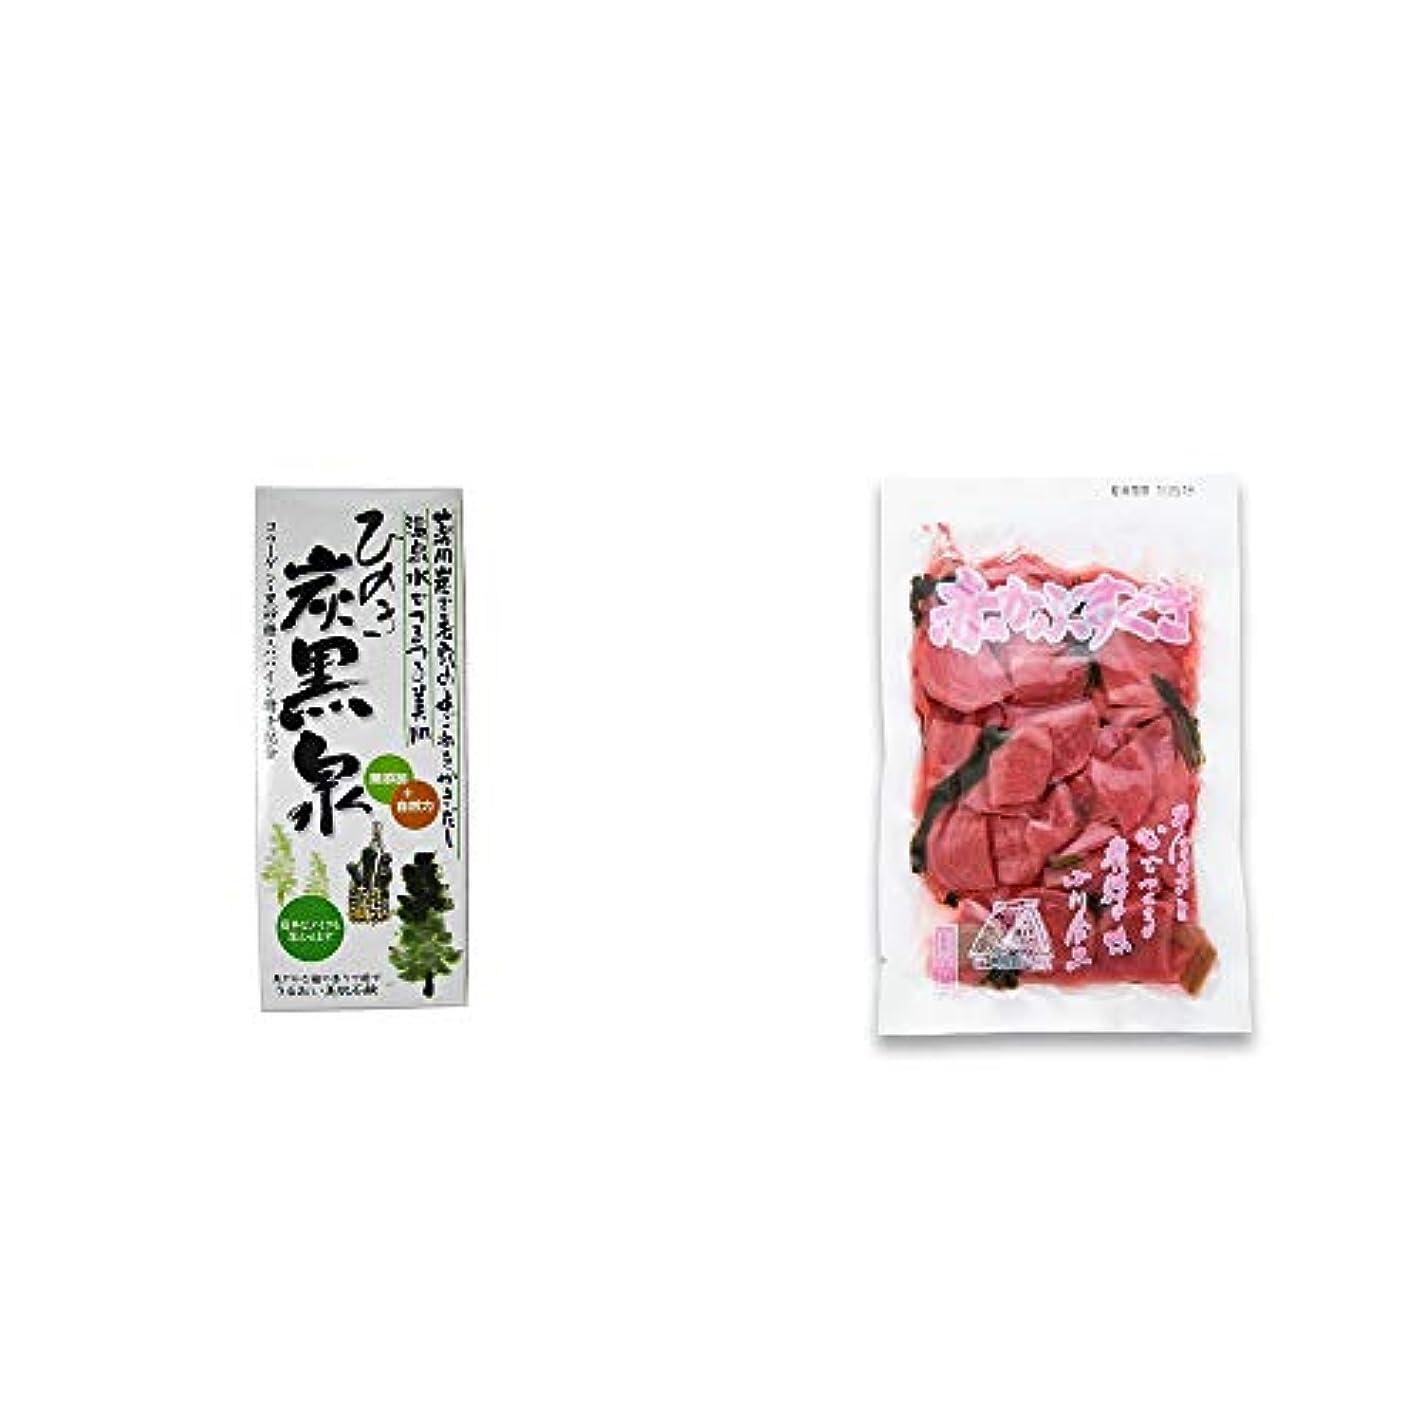 下胃ビン[2点セット] ひのき炭黒泉 箱入り(75g×3)?赤かぶすぐき(160g)